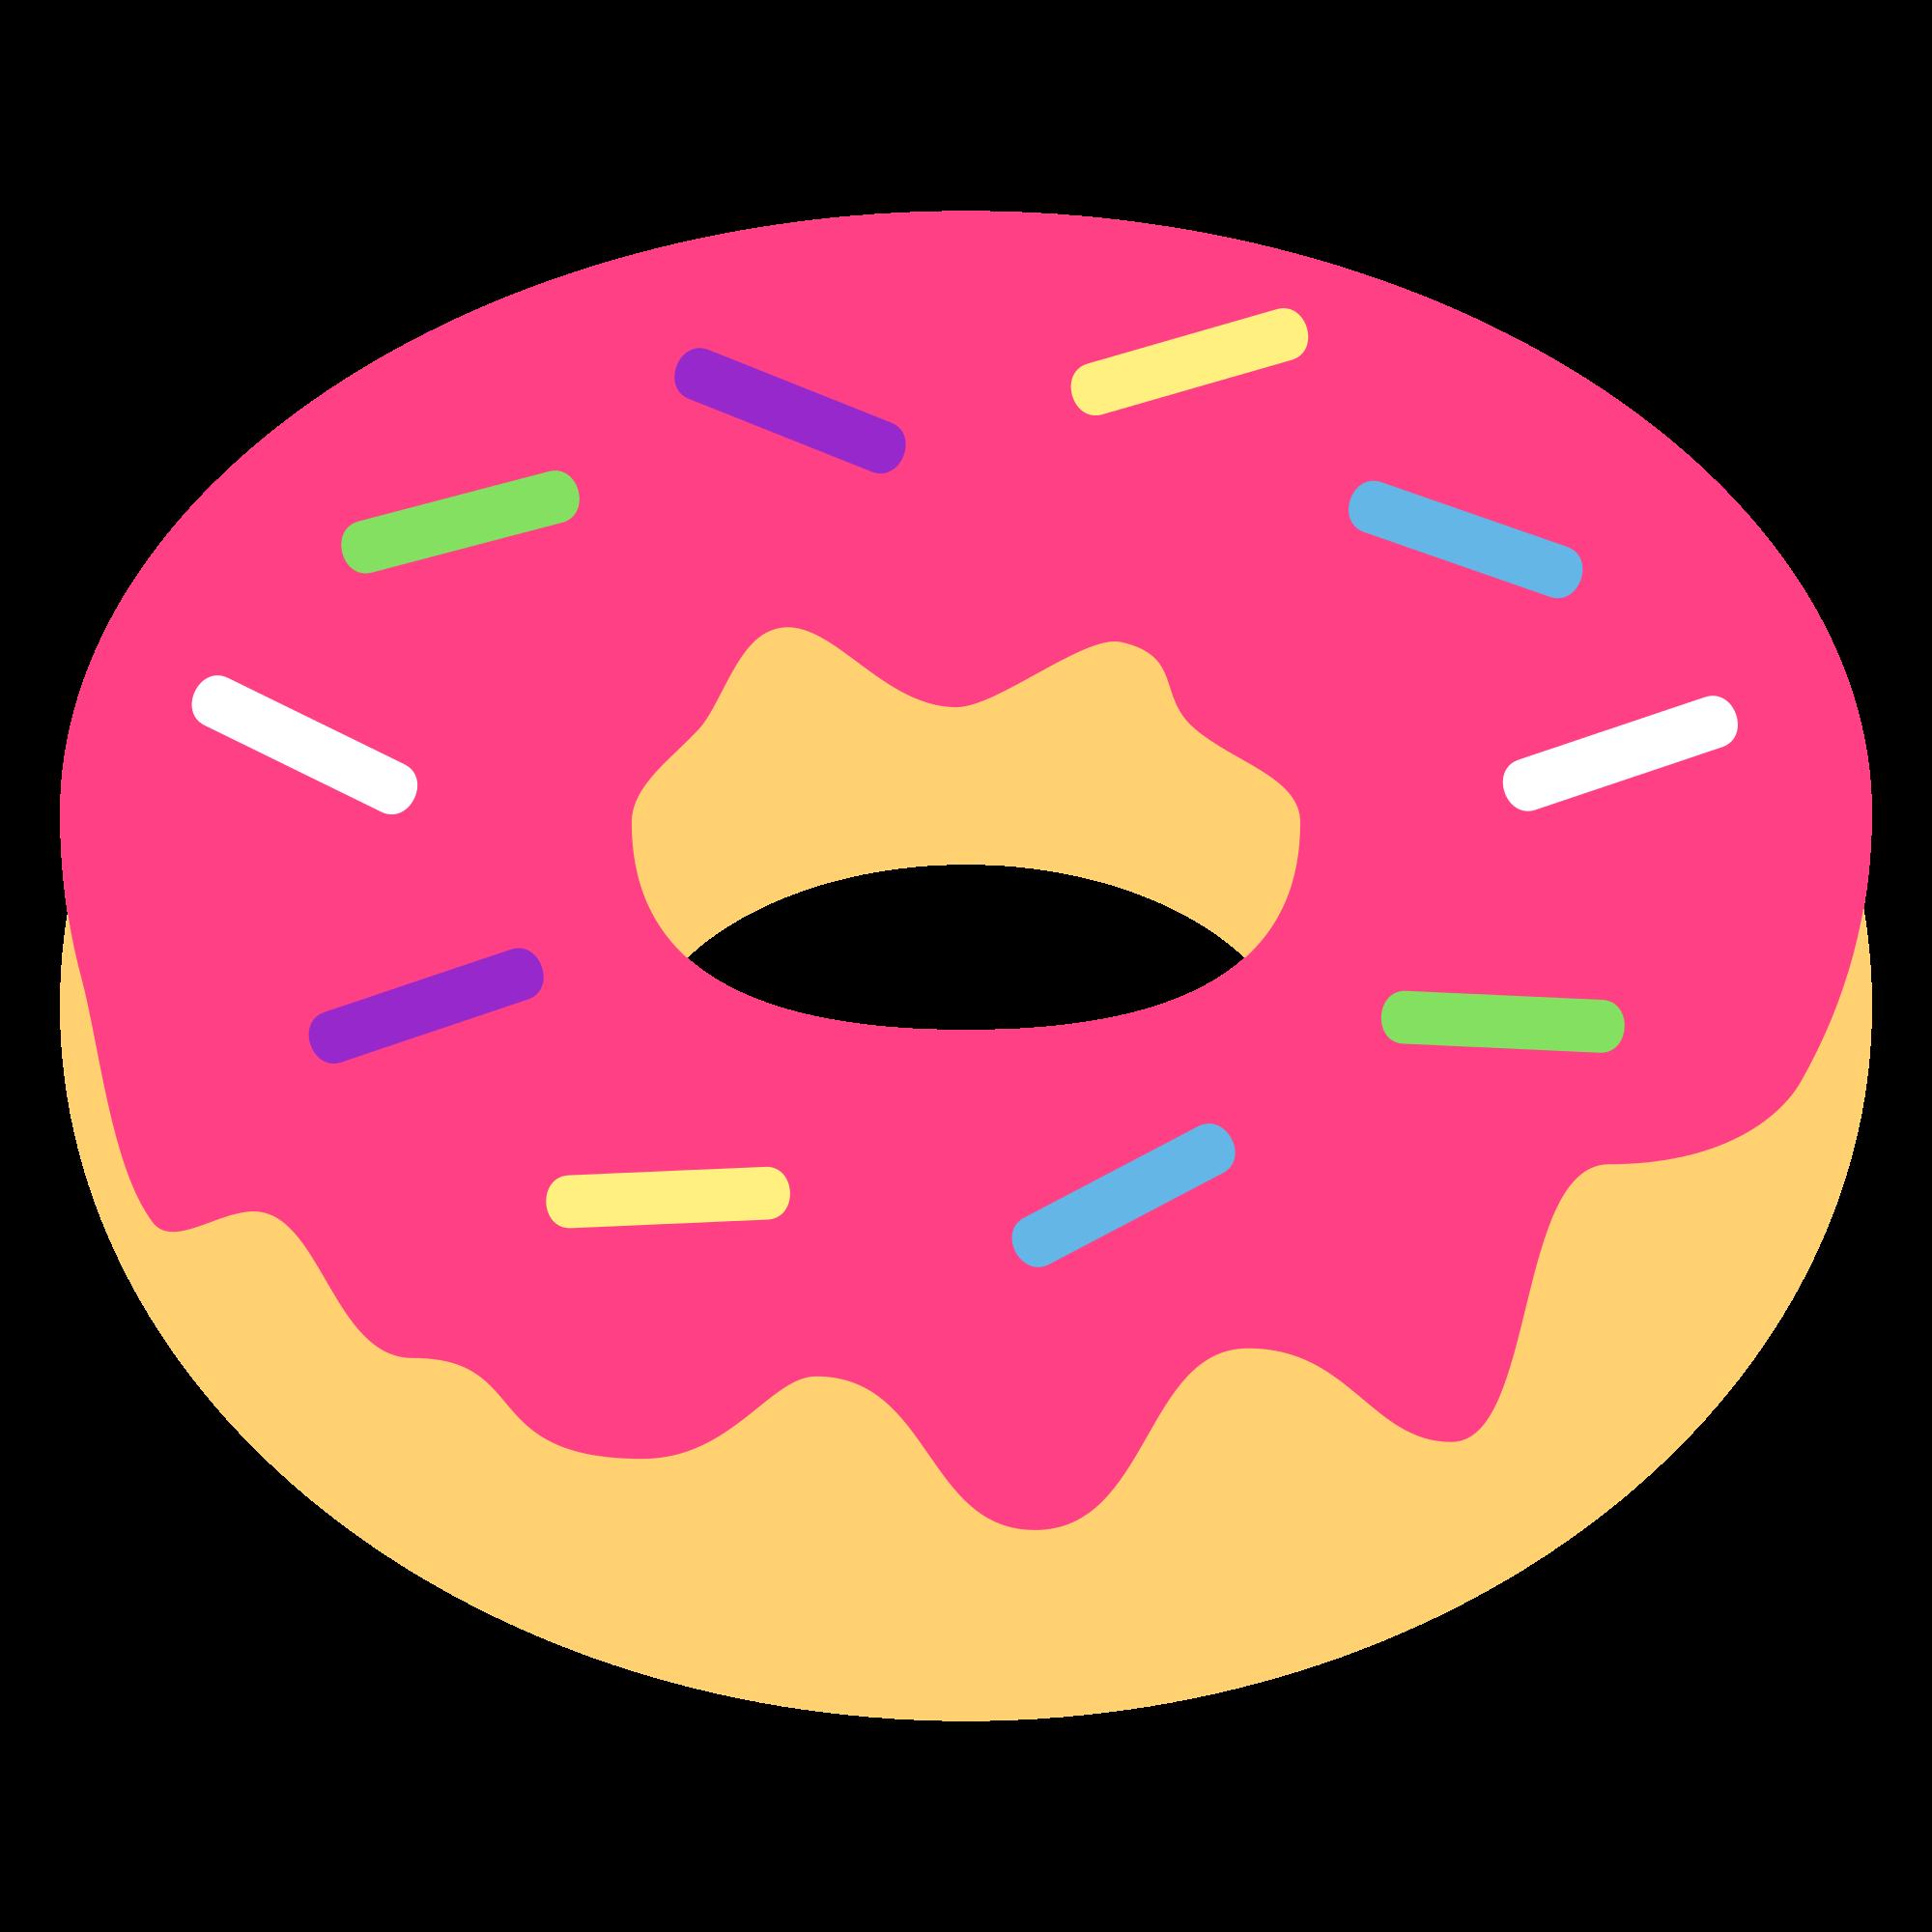 Doughnut svg #12, Download drawings